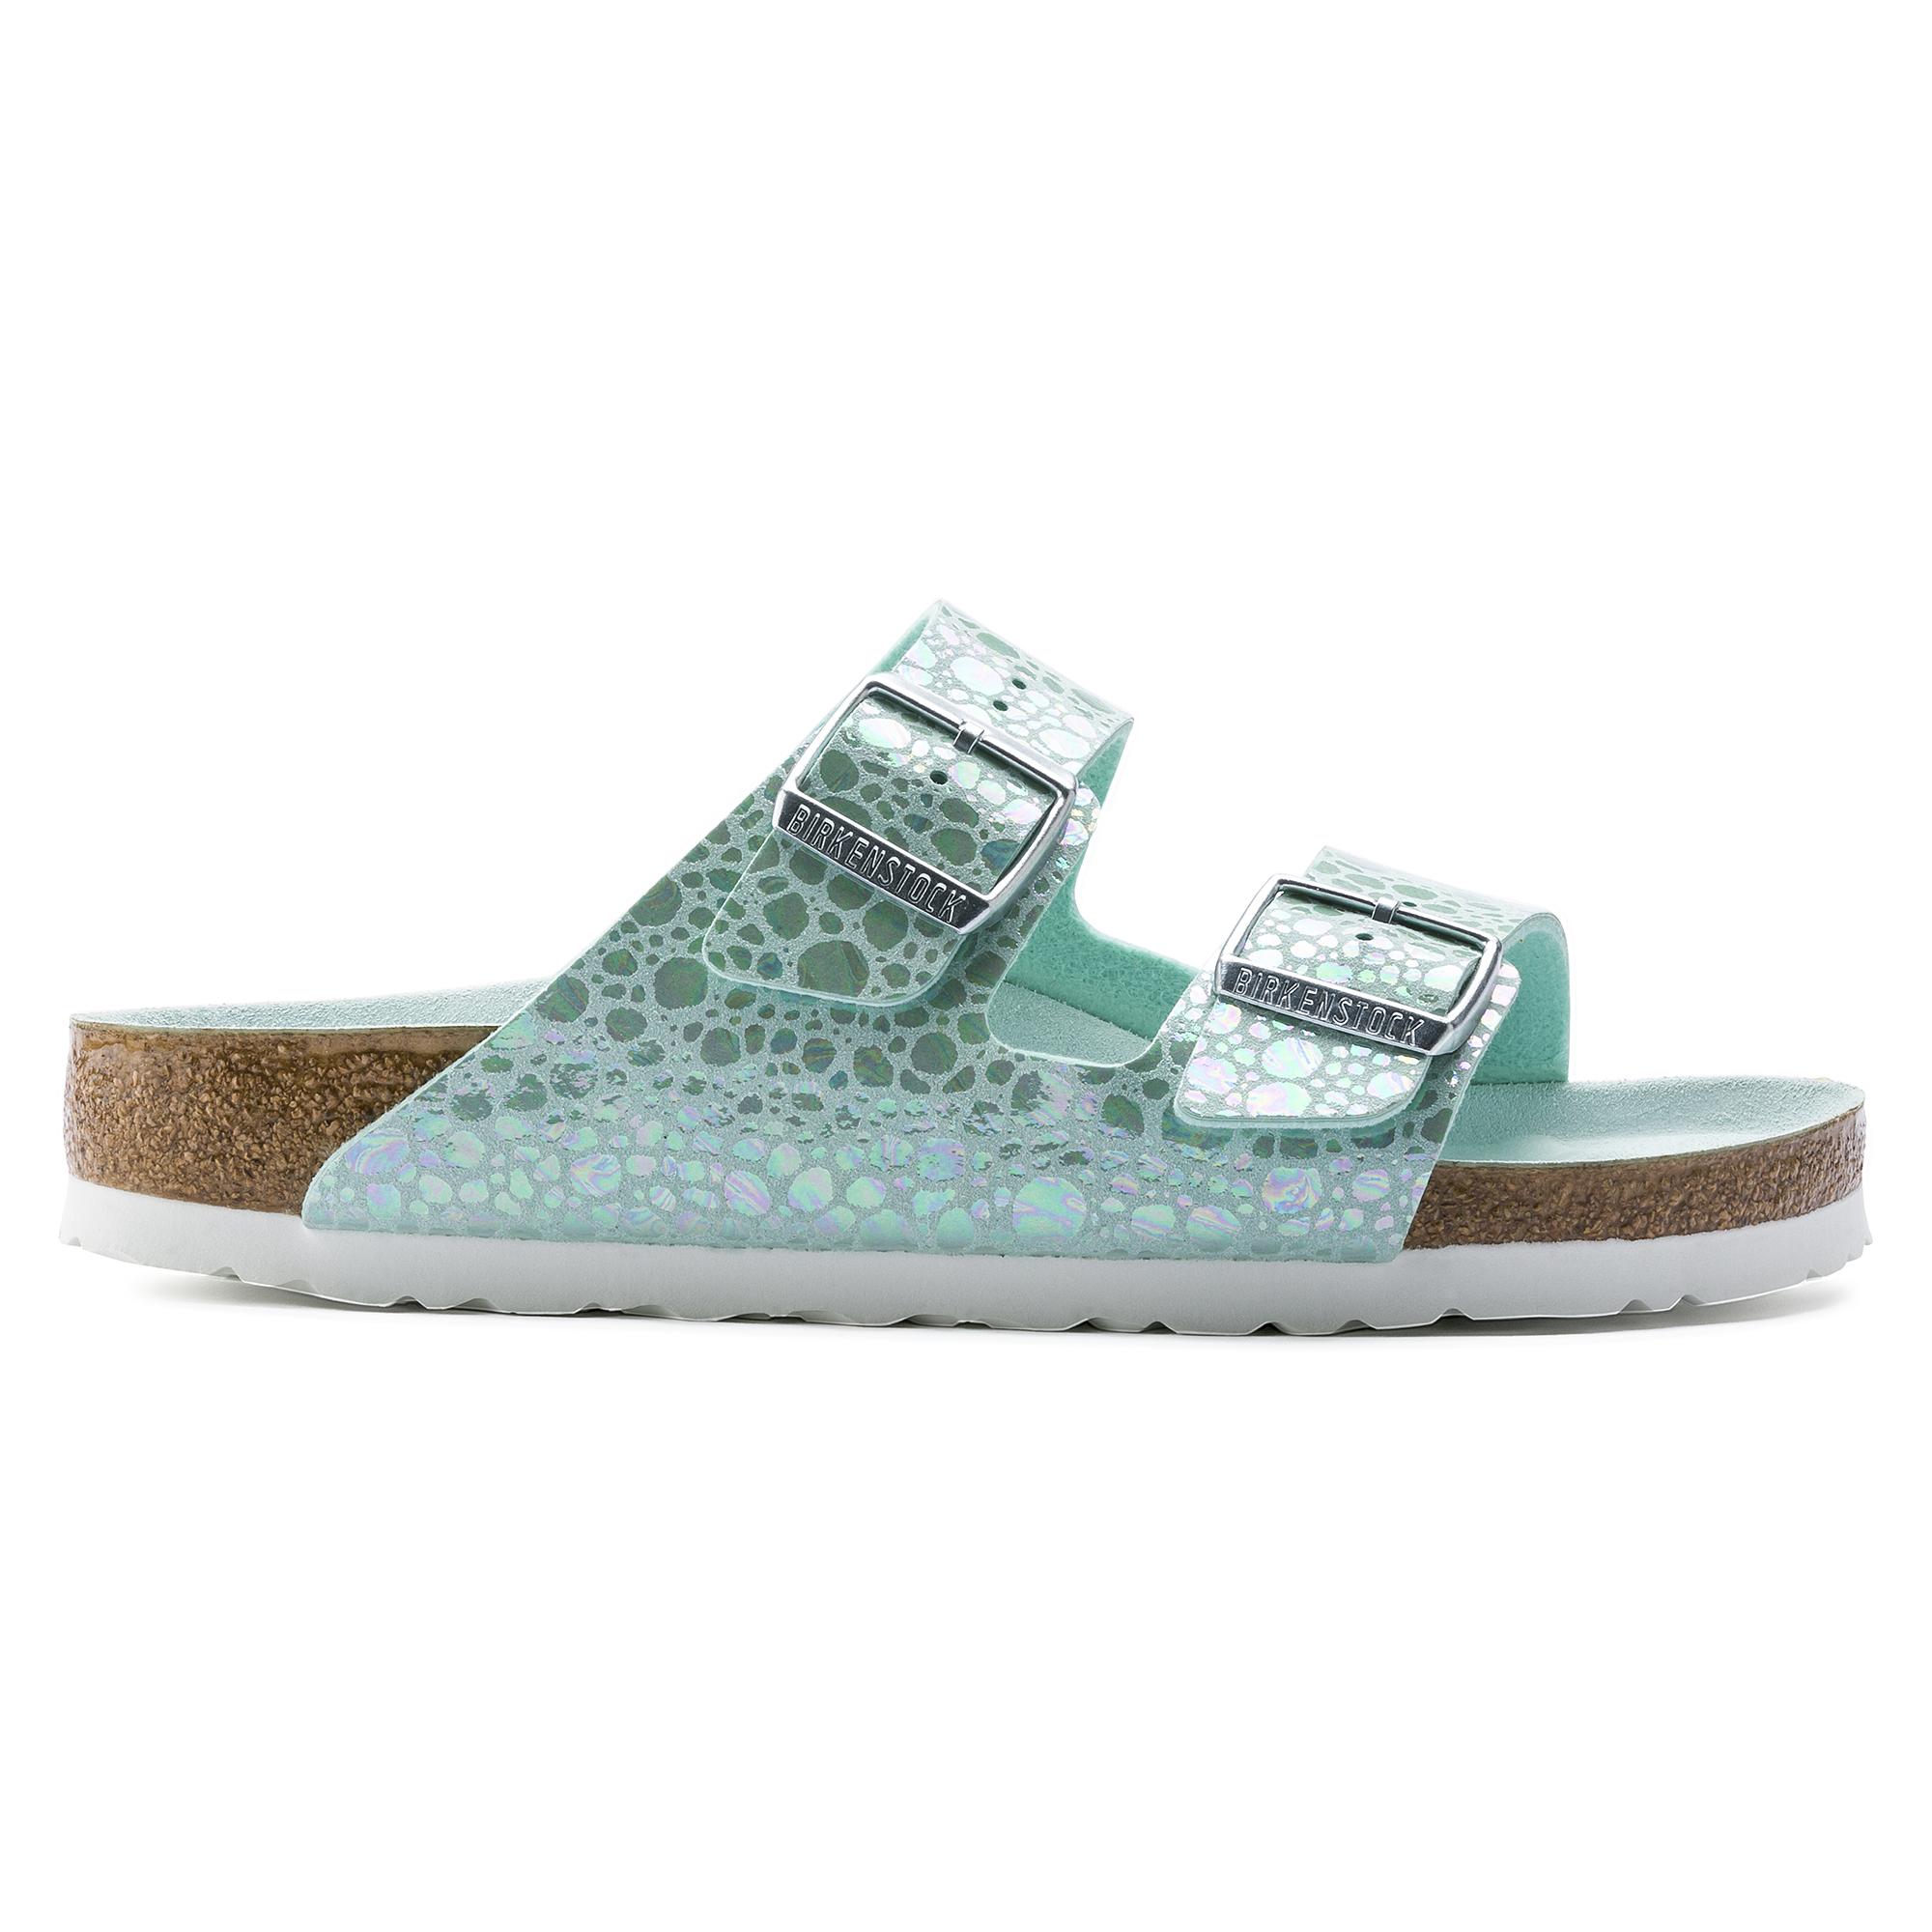 Birkenstock MADRID SLIM Sandal 2019 metallic stones aqua